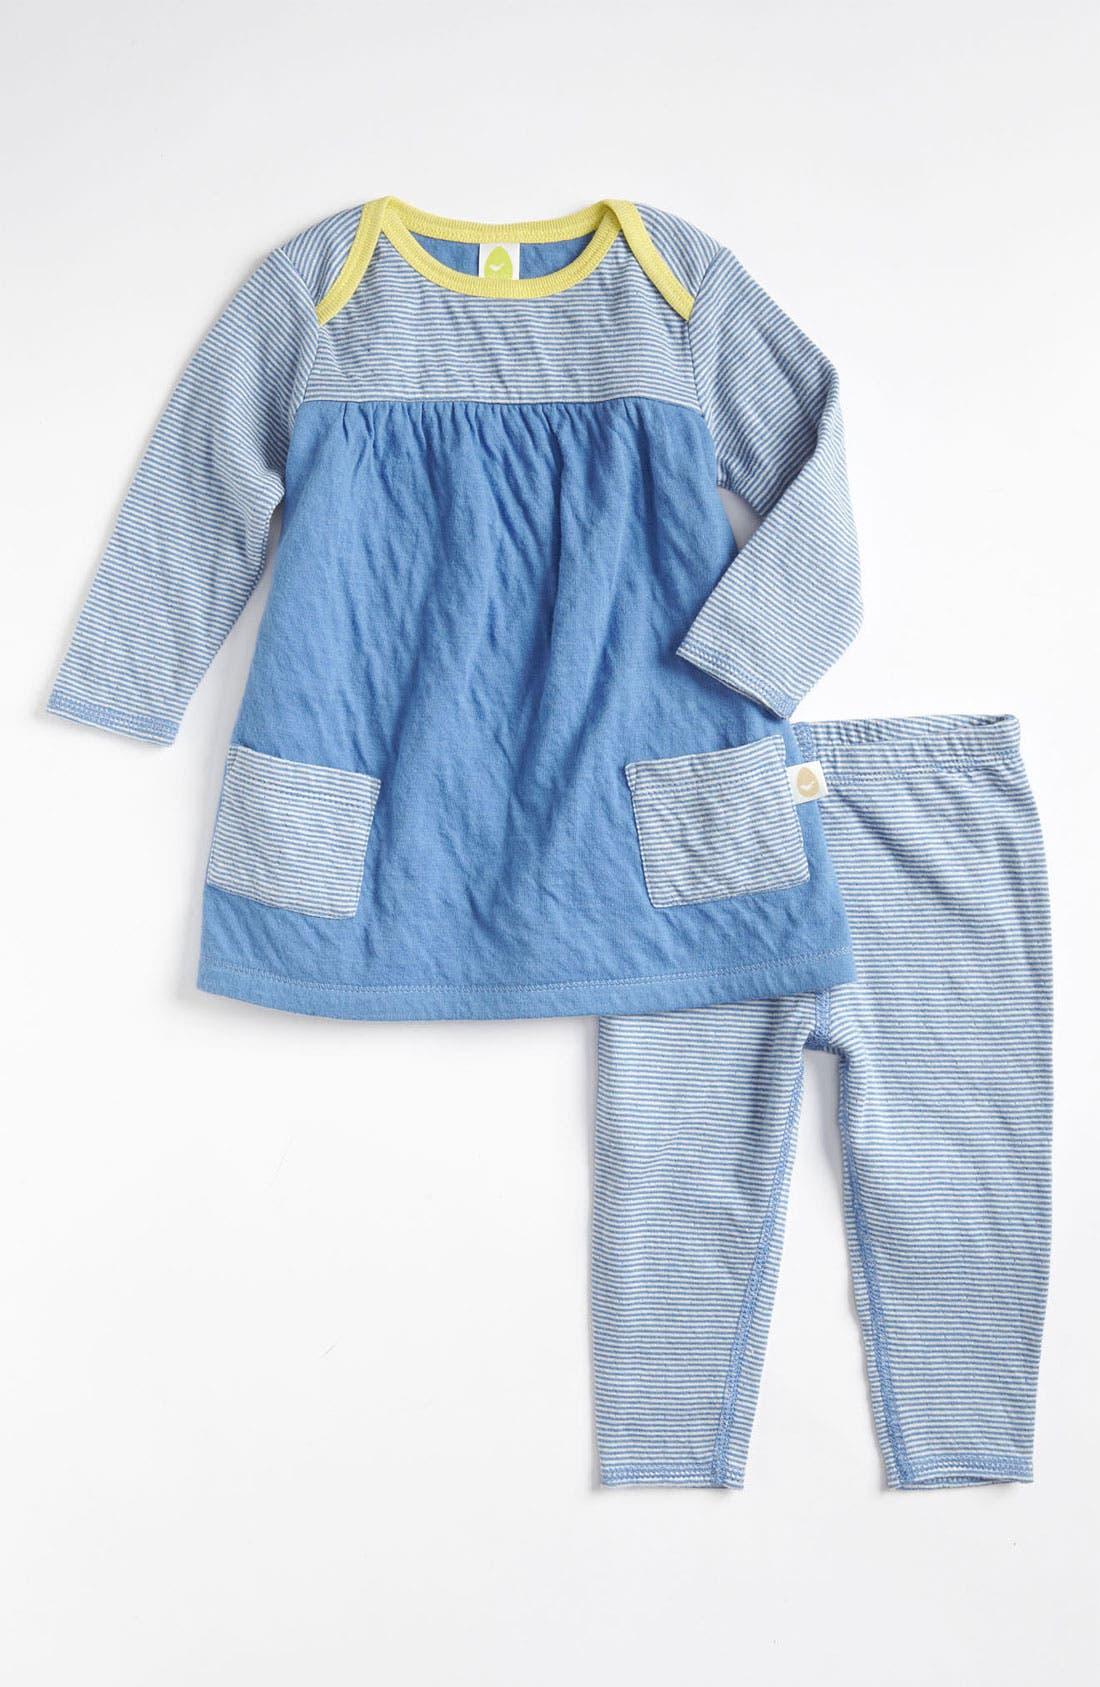 Alternate Image 1 Selected - Stem Baby Dress & Leggings (Infant)